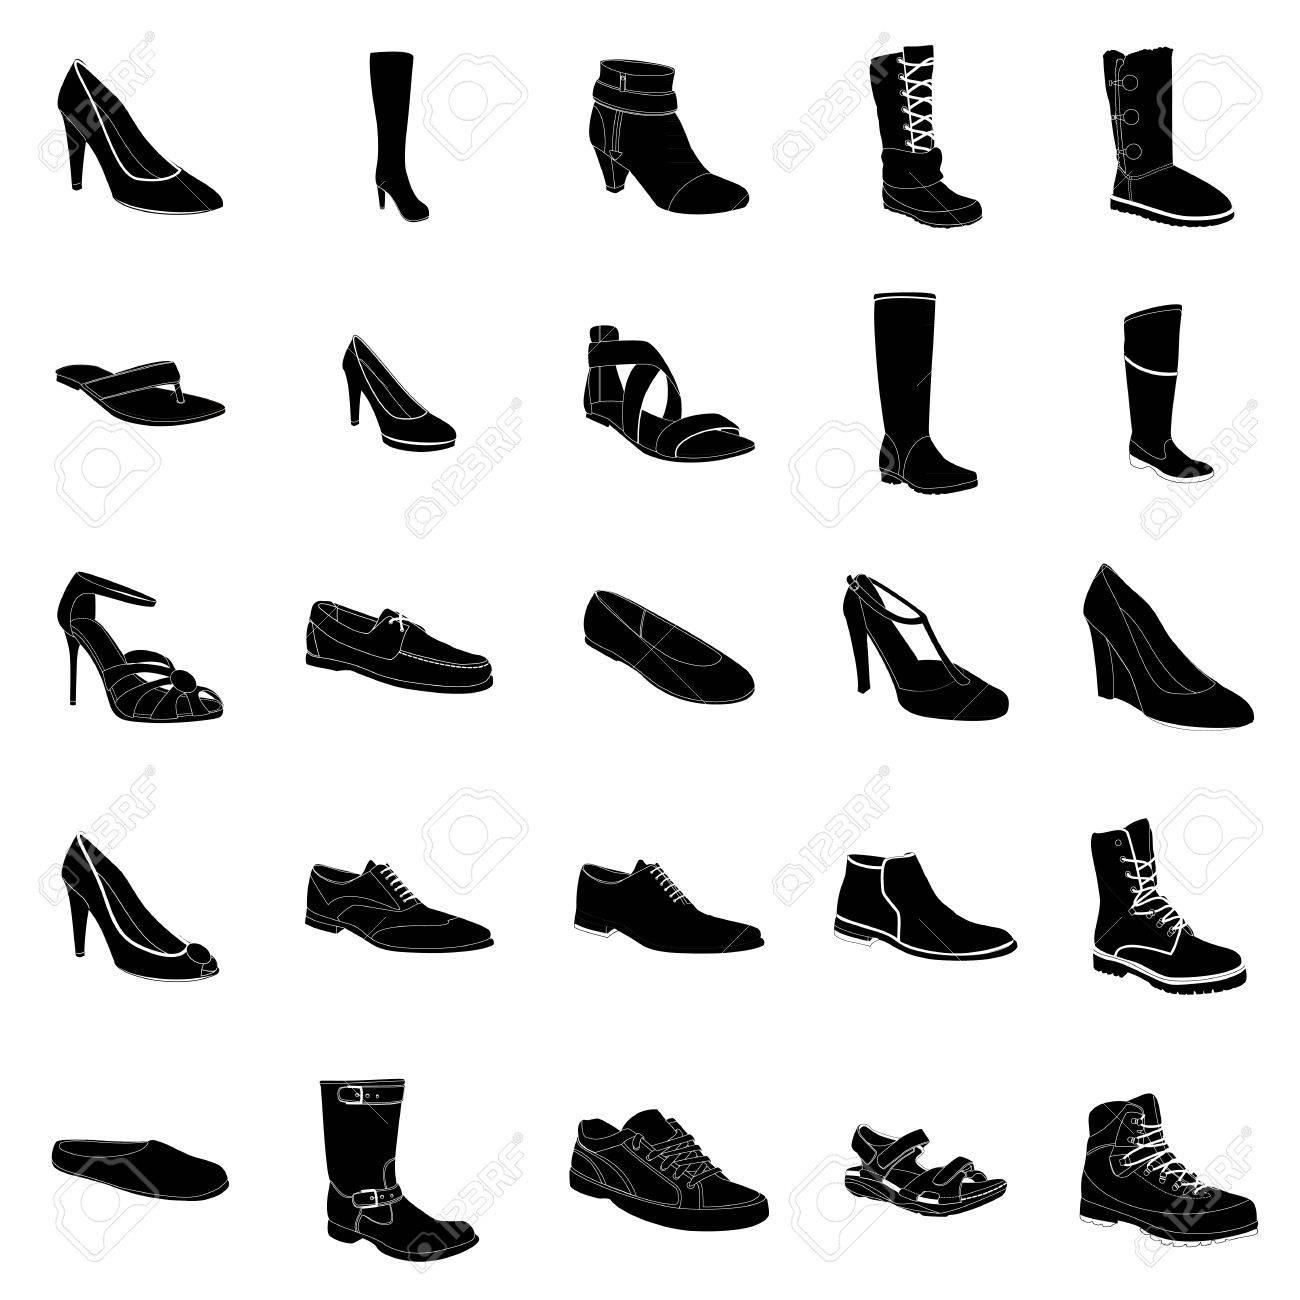 958c44bf97c9d Banque d images - De silhouettes noires Femme et chaussures pour homme,  détails blancs. Noms  Bottillon, biker boot, chaussures d affaires, talon-strap  ...